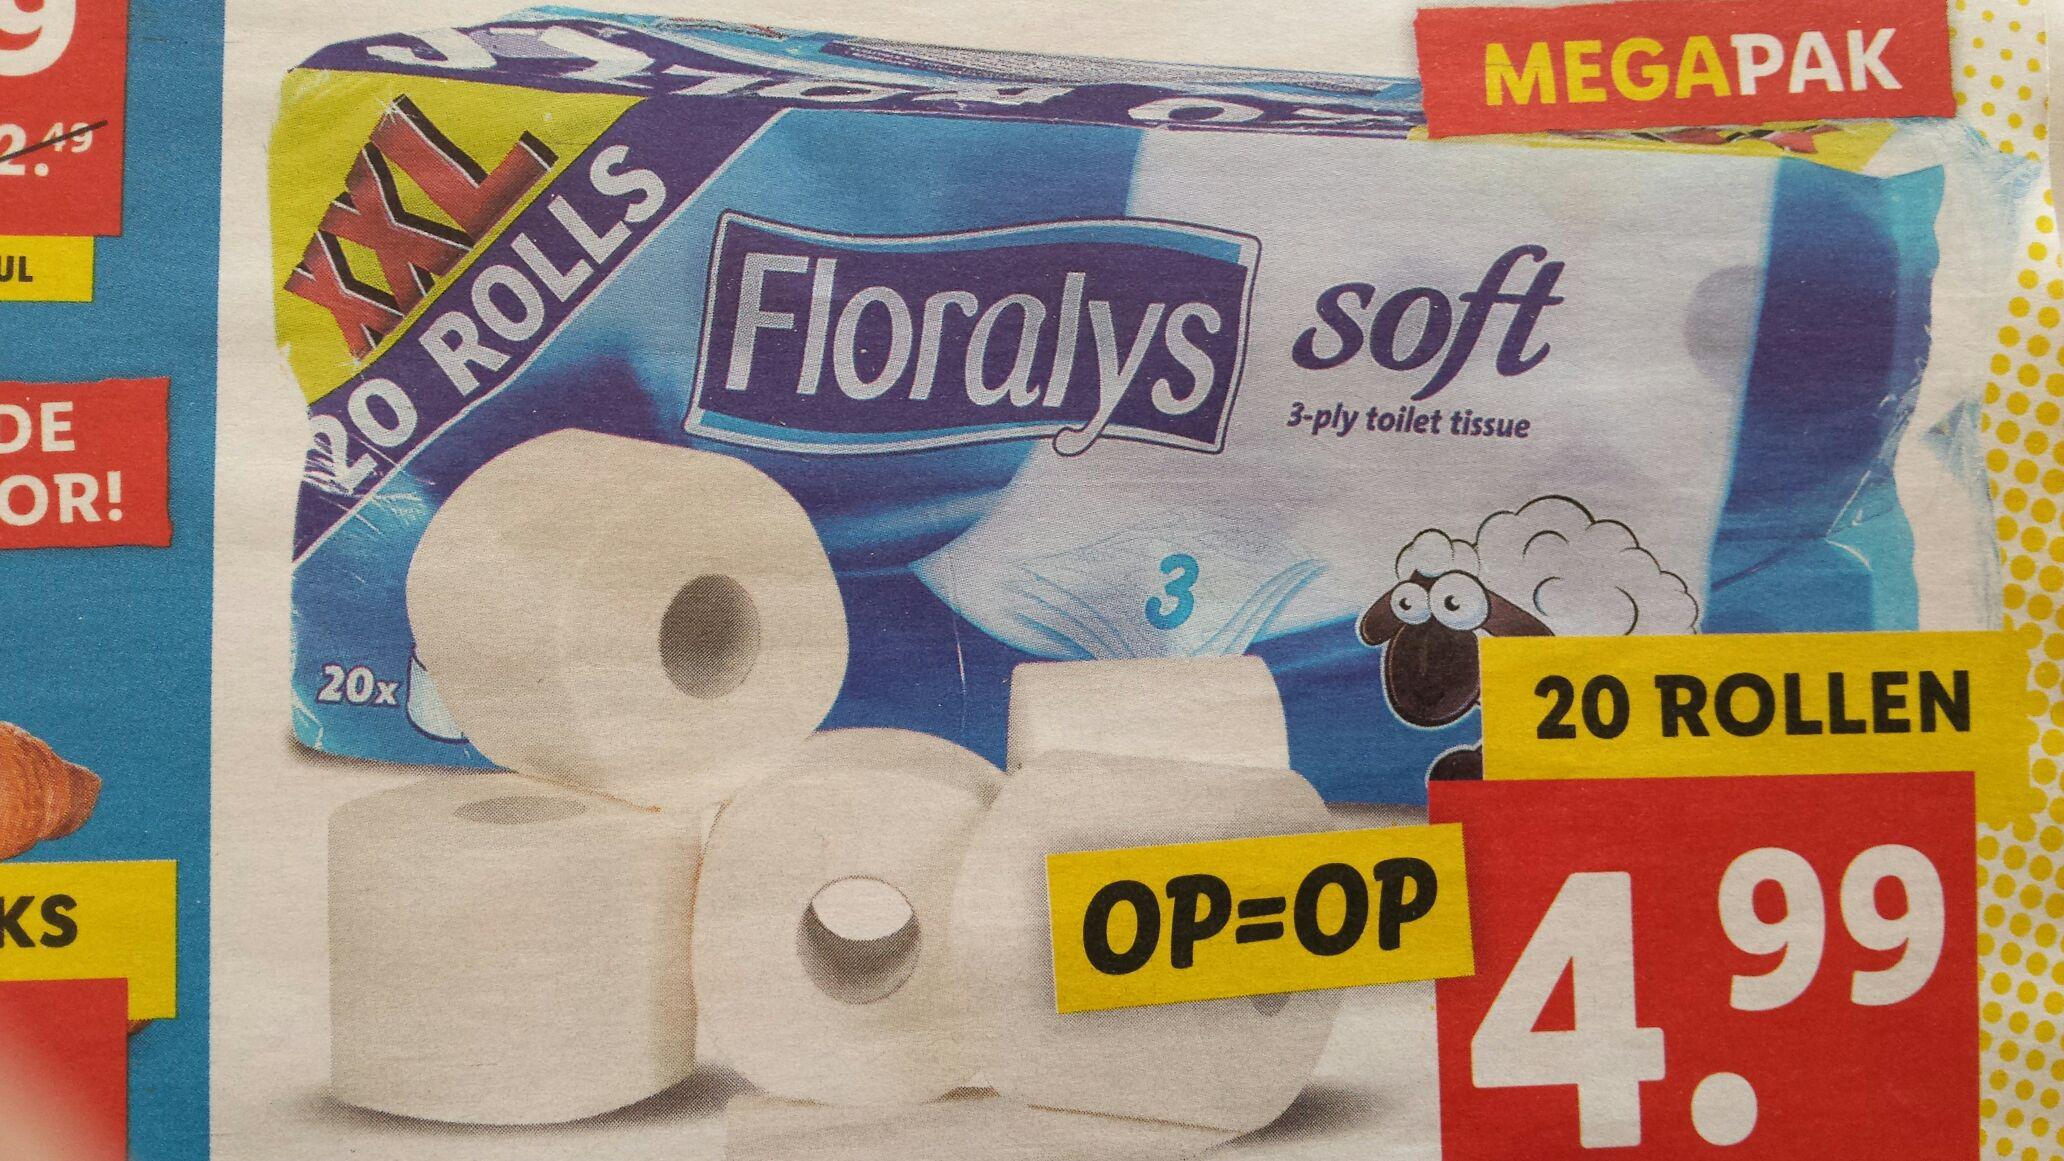 3 laags toiletpapier 200 velletjes per rol, megapak van 20 rollen bij Lidl